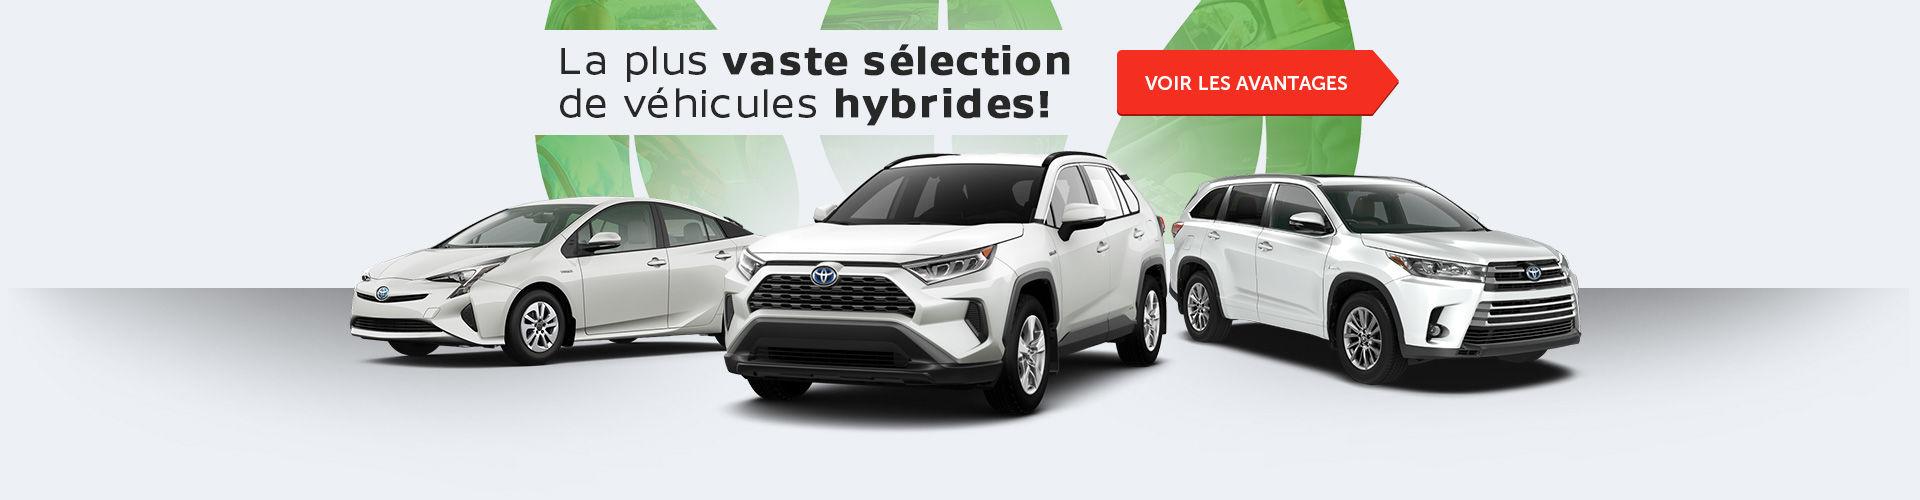 Sélection de véhicules hybrides!